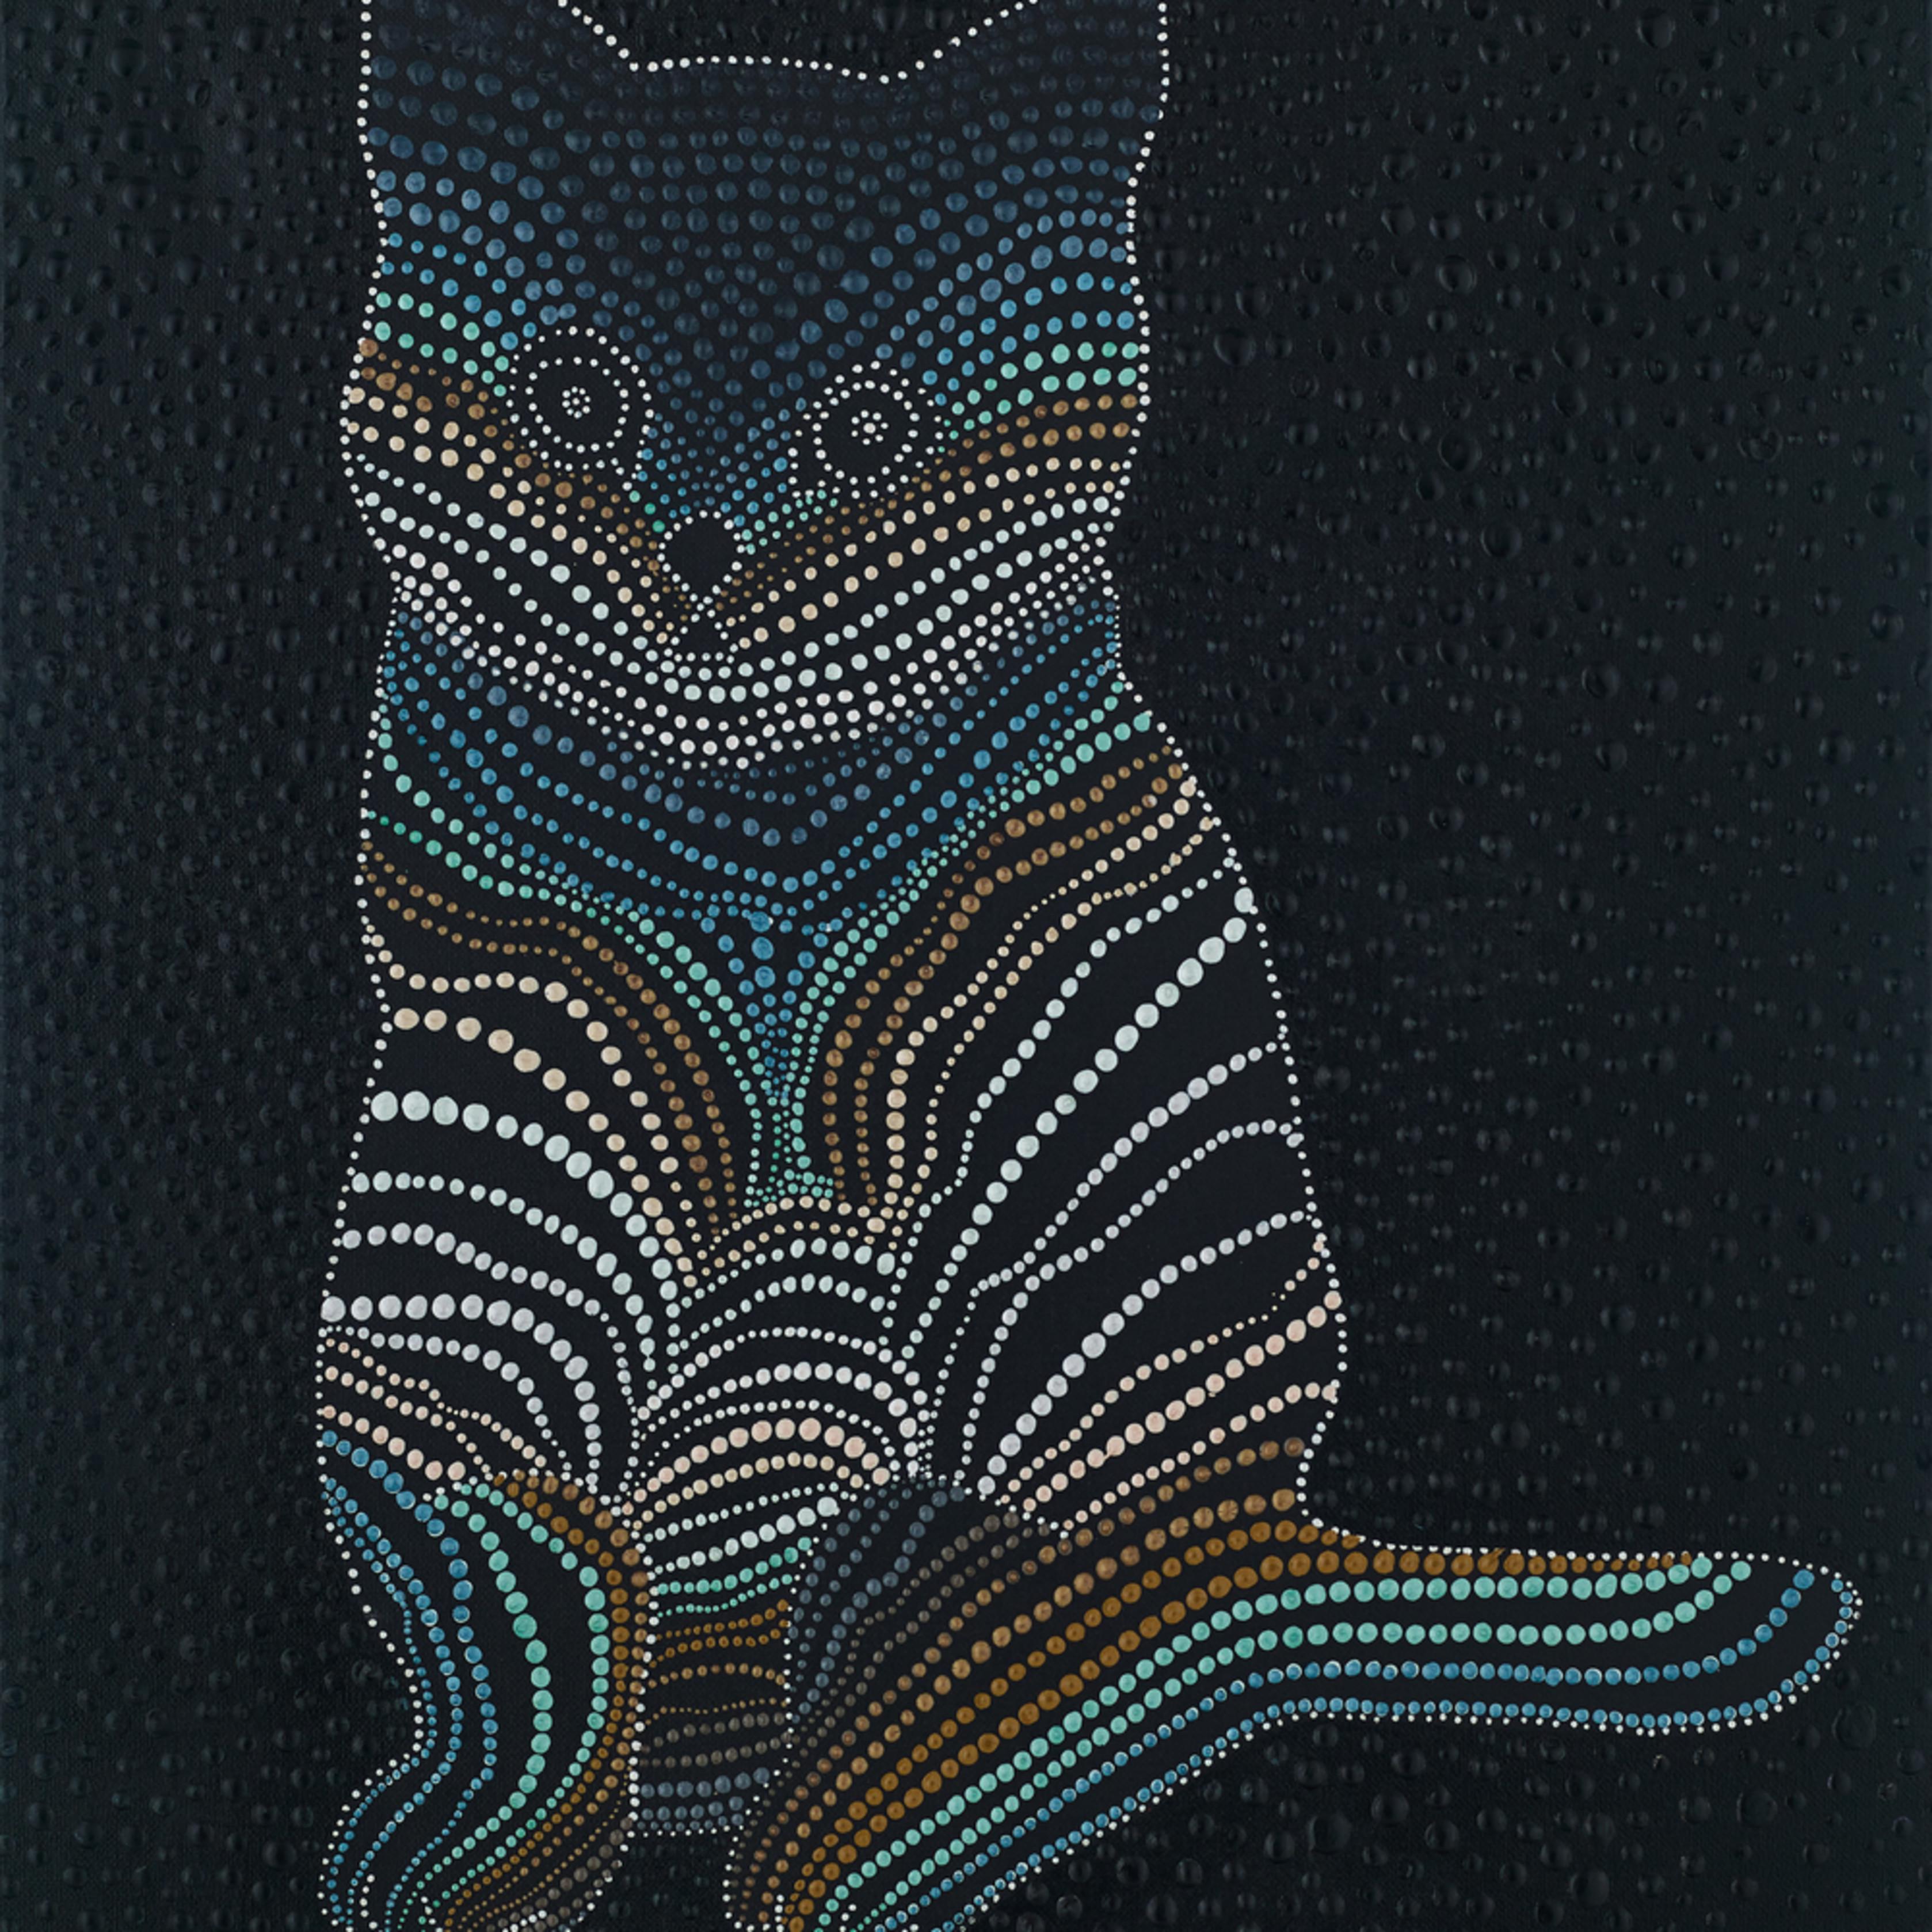 Meow meow sueb6s